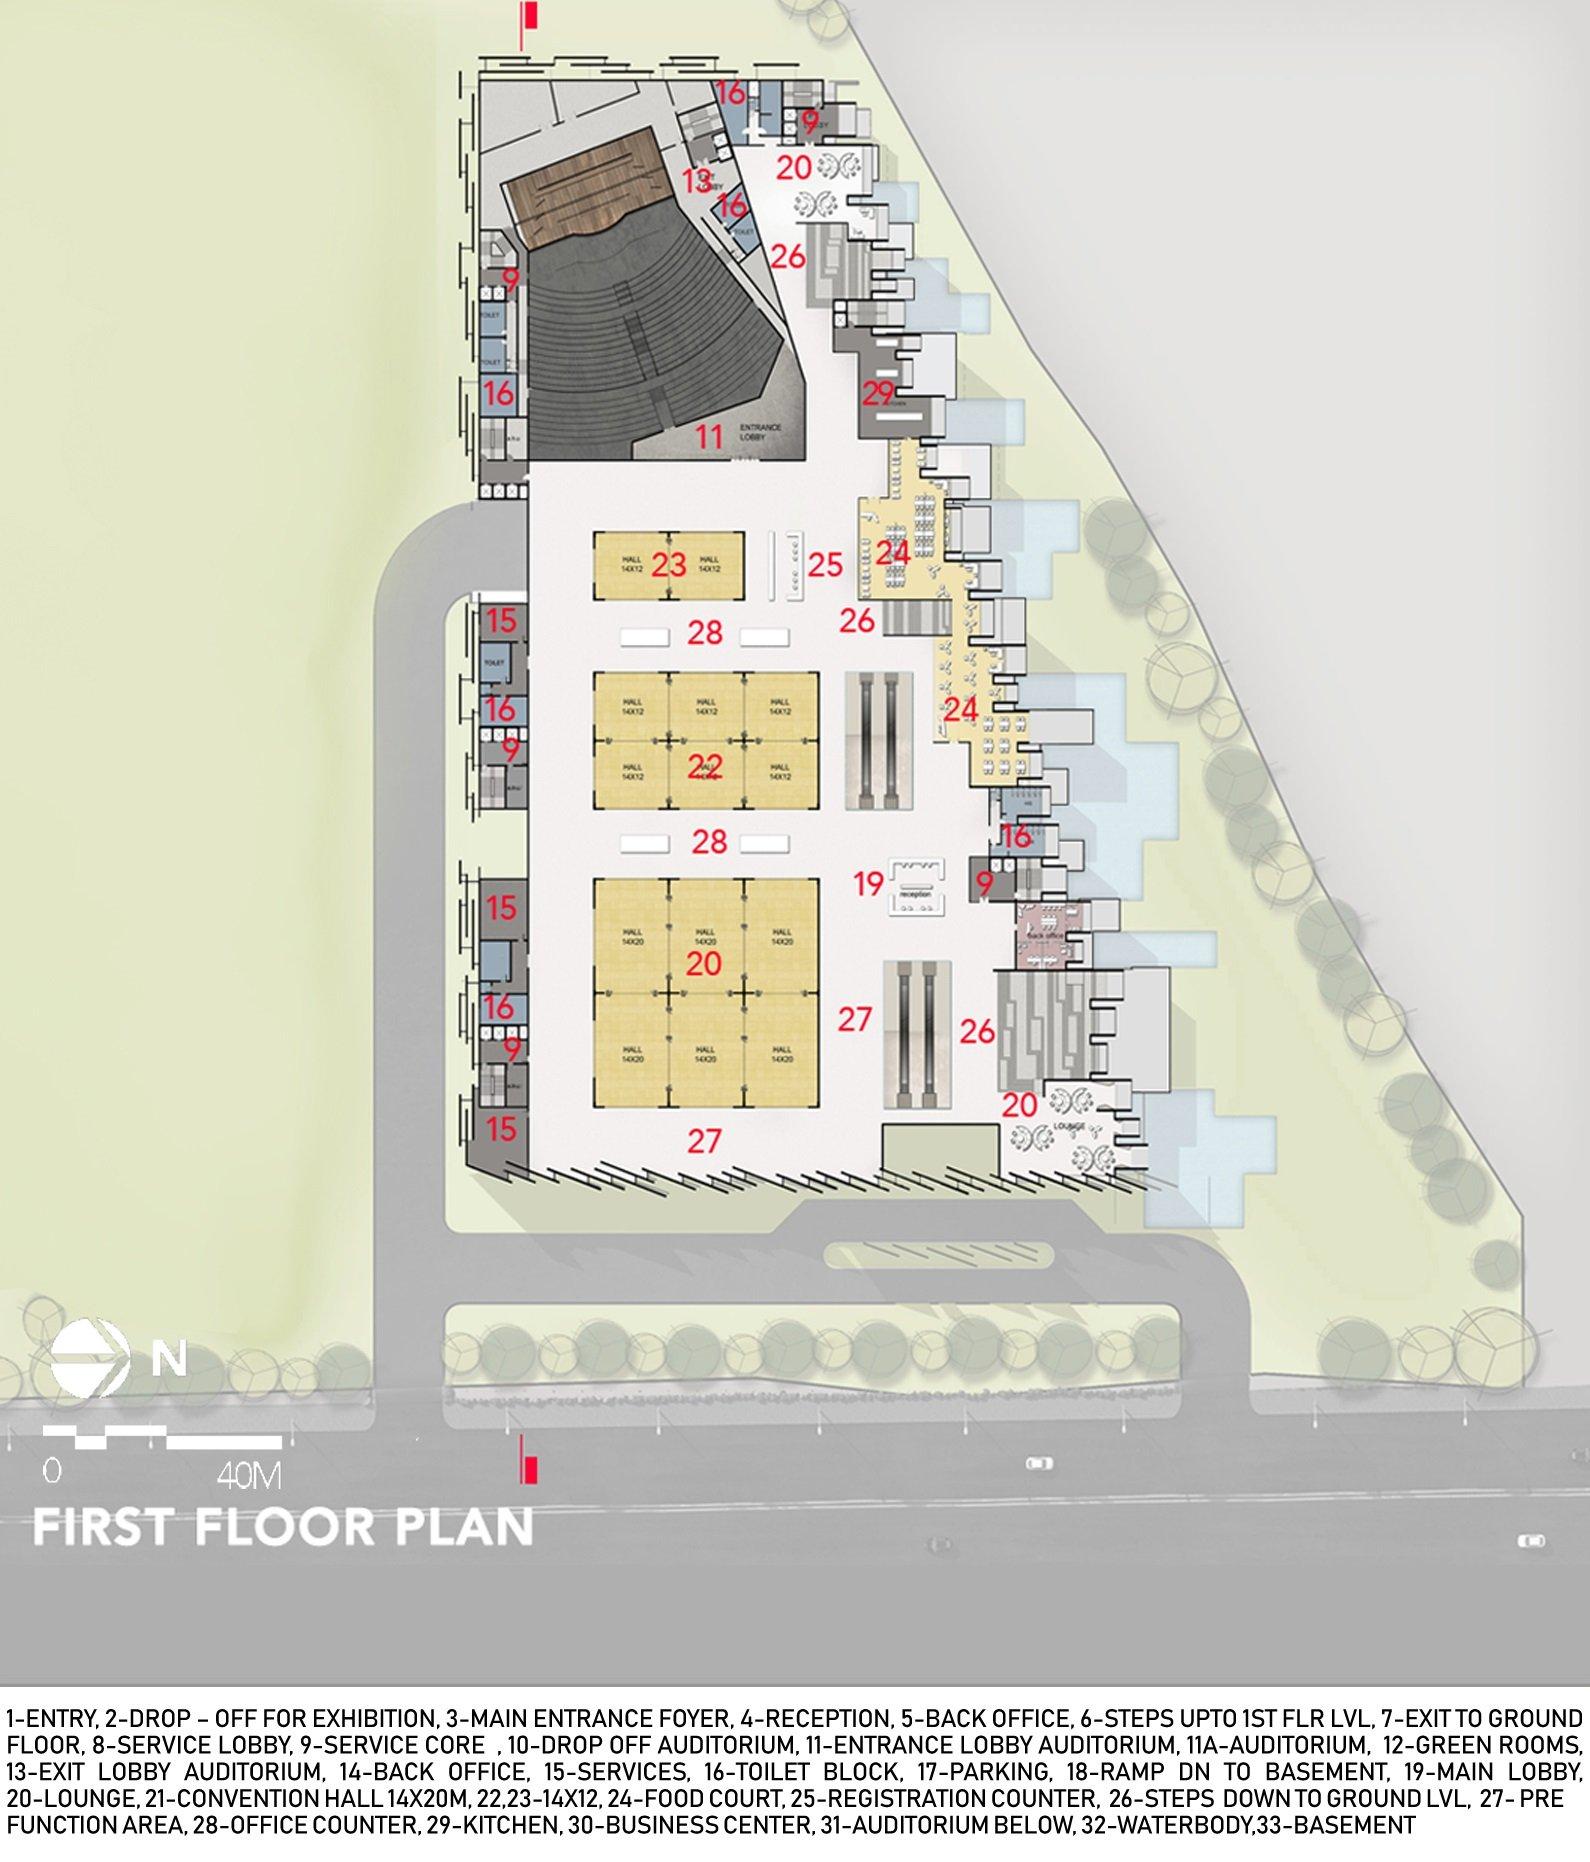 FIRST FLOOR PLAN sanjay puri architects